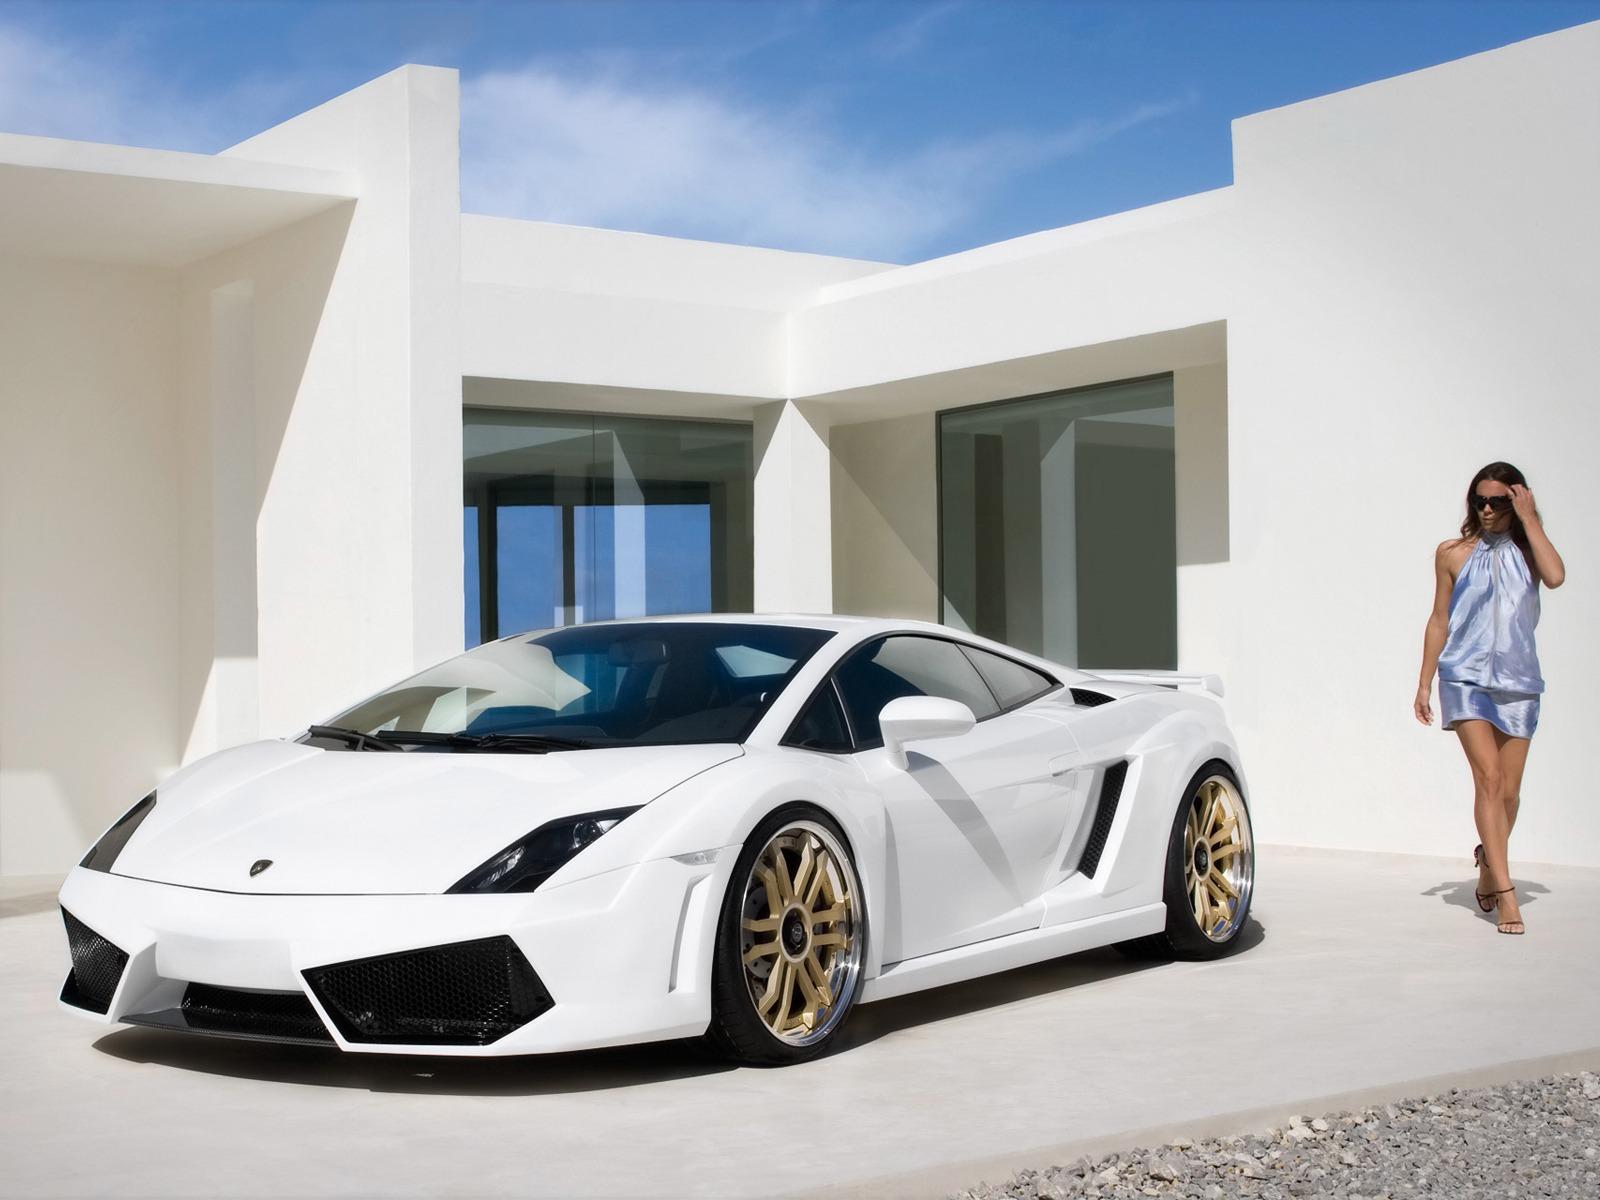 Imsa Lamborghini Gallardo Wallpaper Lamborghini Cars Wallpapers In